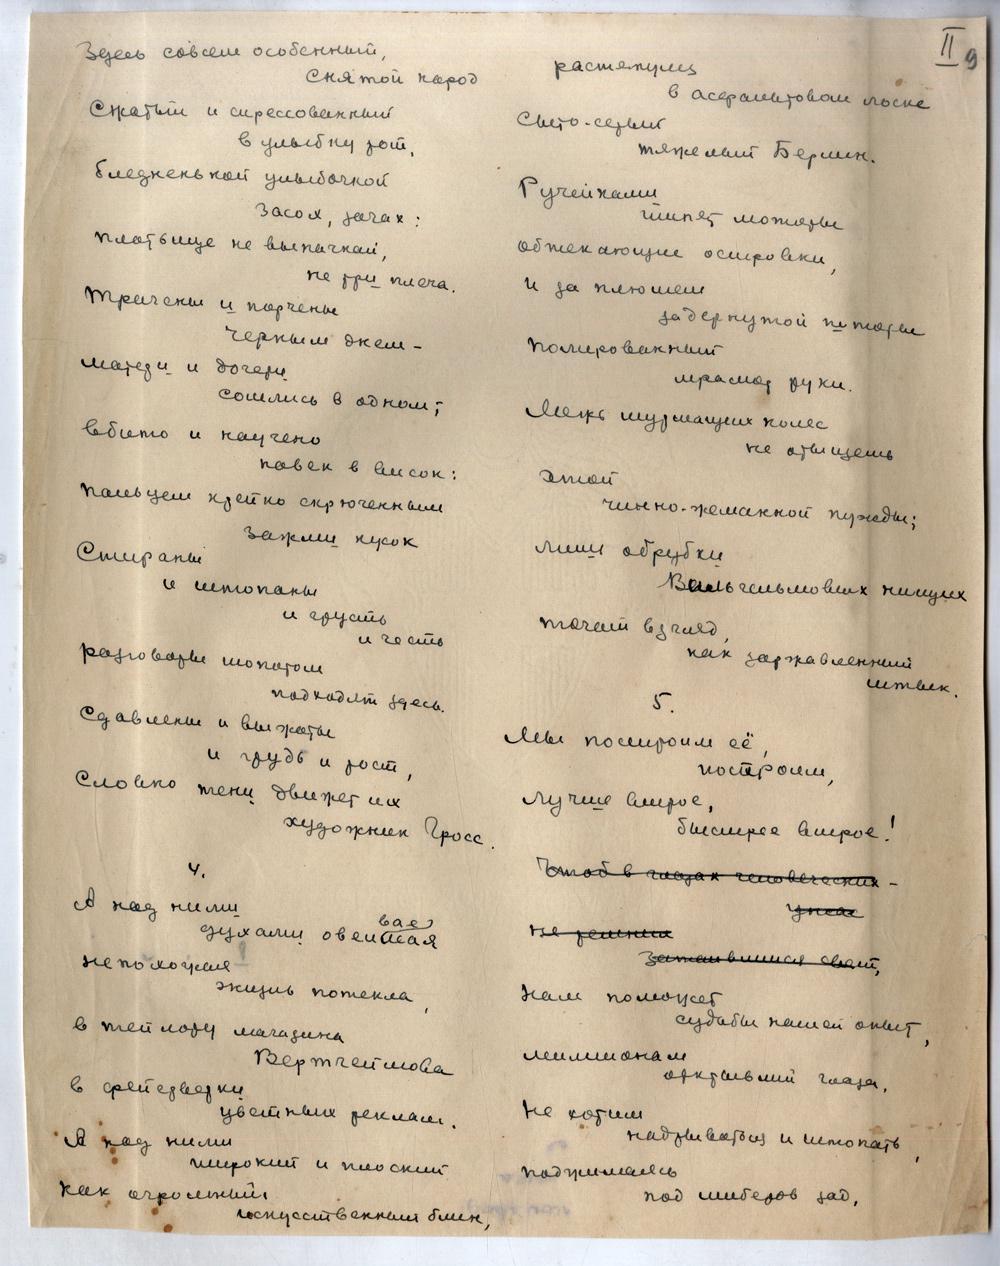 Стихотворения. Наброски. [1930-е] РГАЛИ. Ф. 28. Оп. 1. Ед. хр. 21. Л. 9.